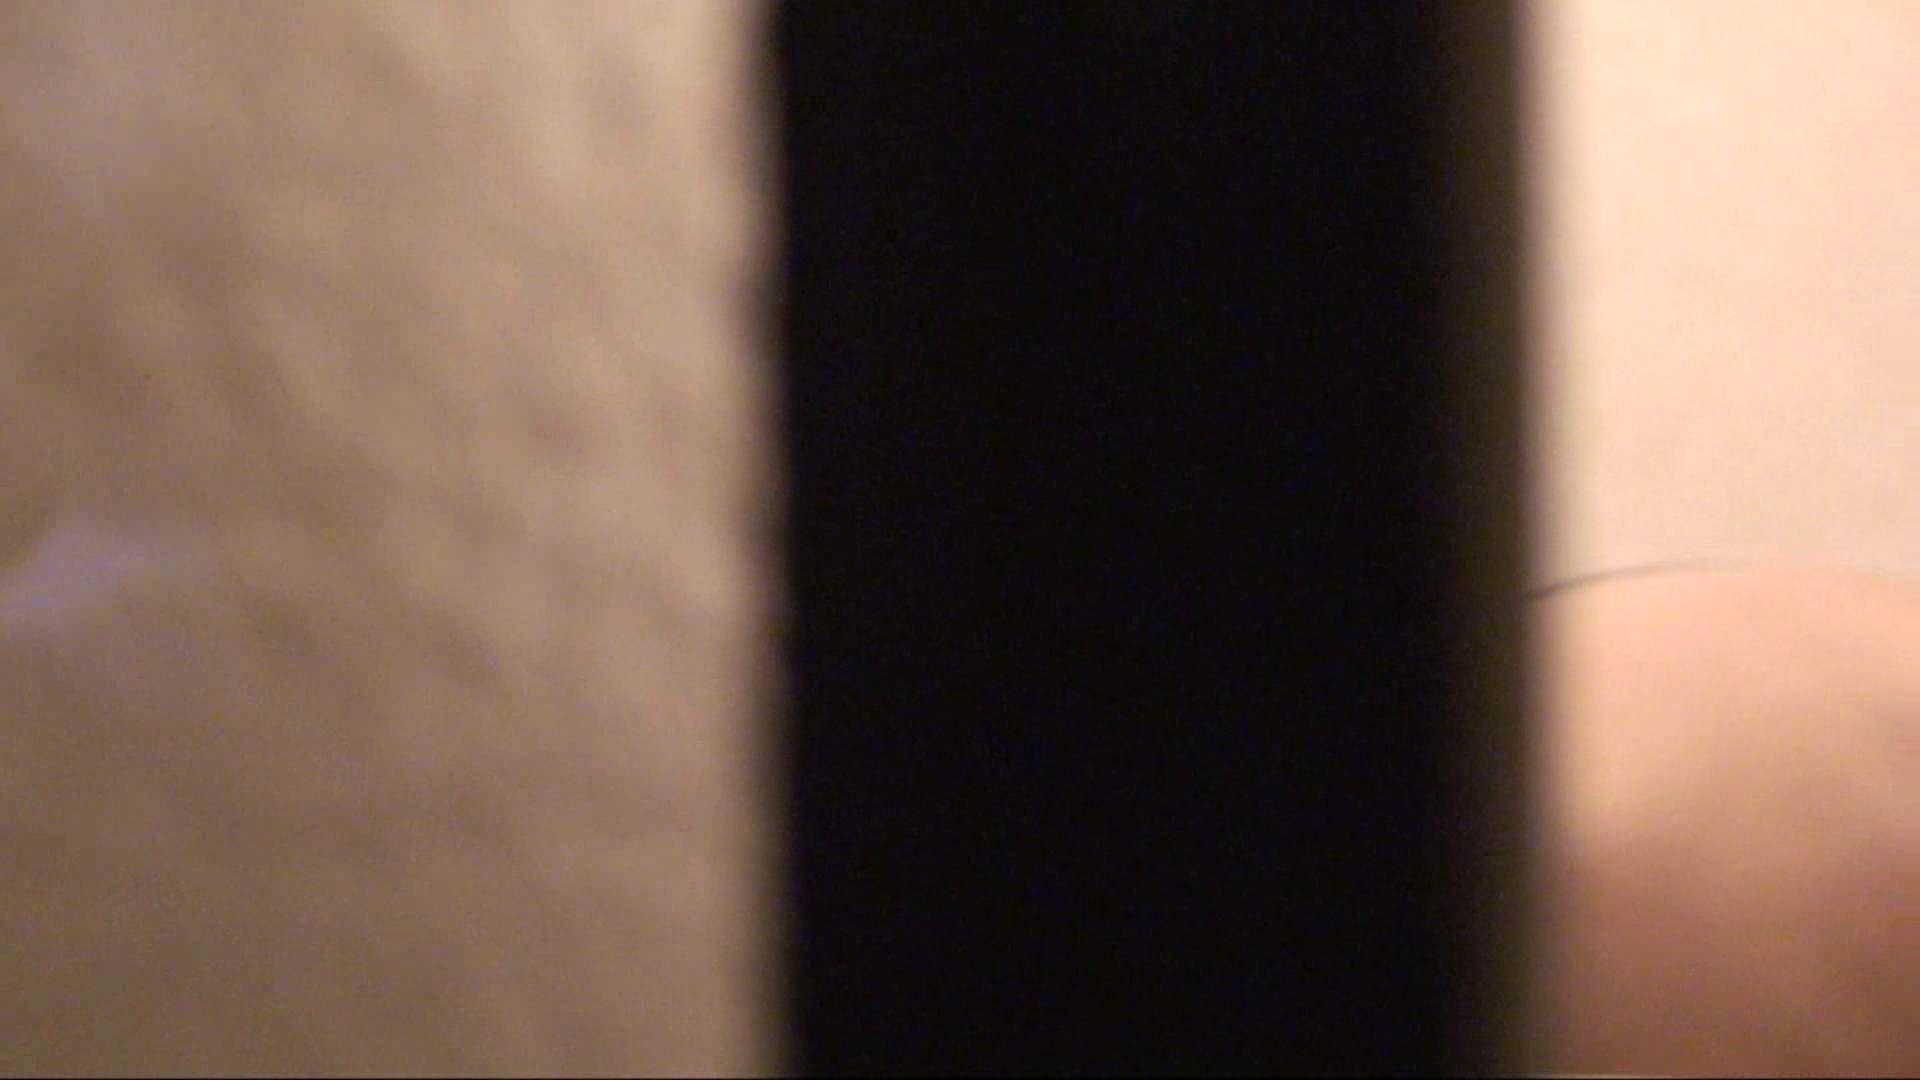 エッチ 熟女|vol.01必見!白肌嬢の乳首が丸見え。極上美人のすっぴん顔をハイビジョンで!|怪盗ジョーカー